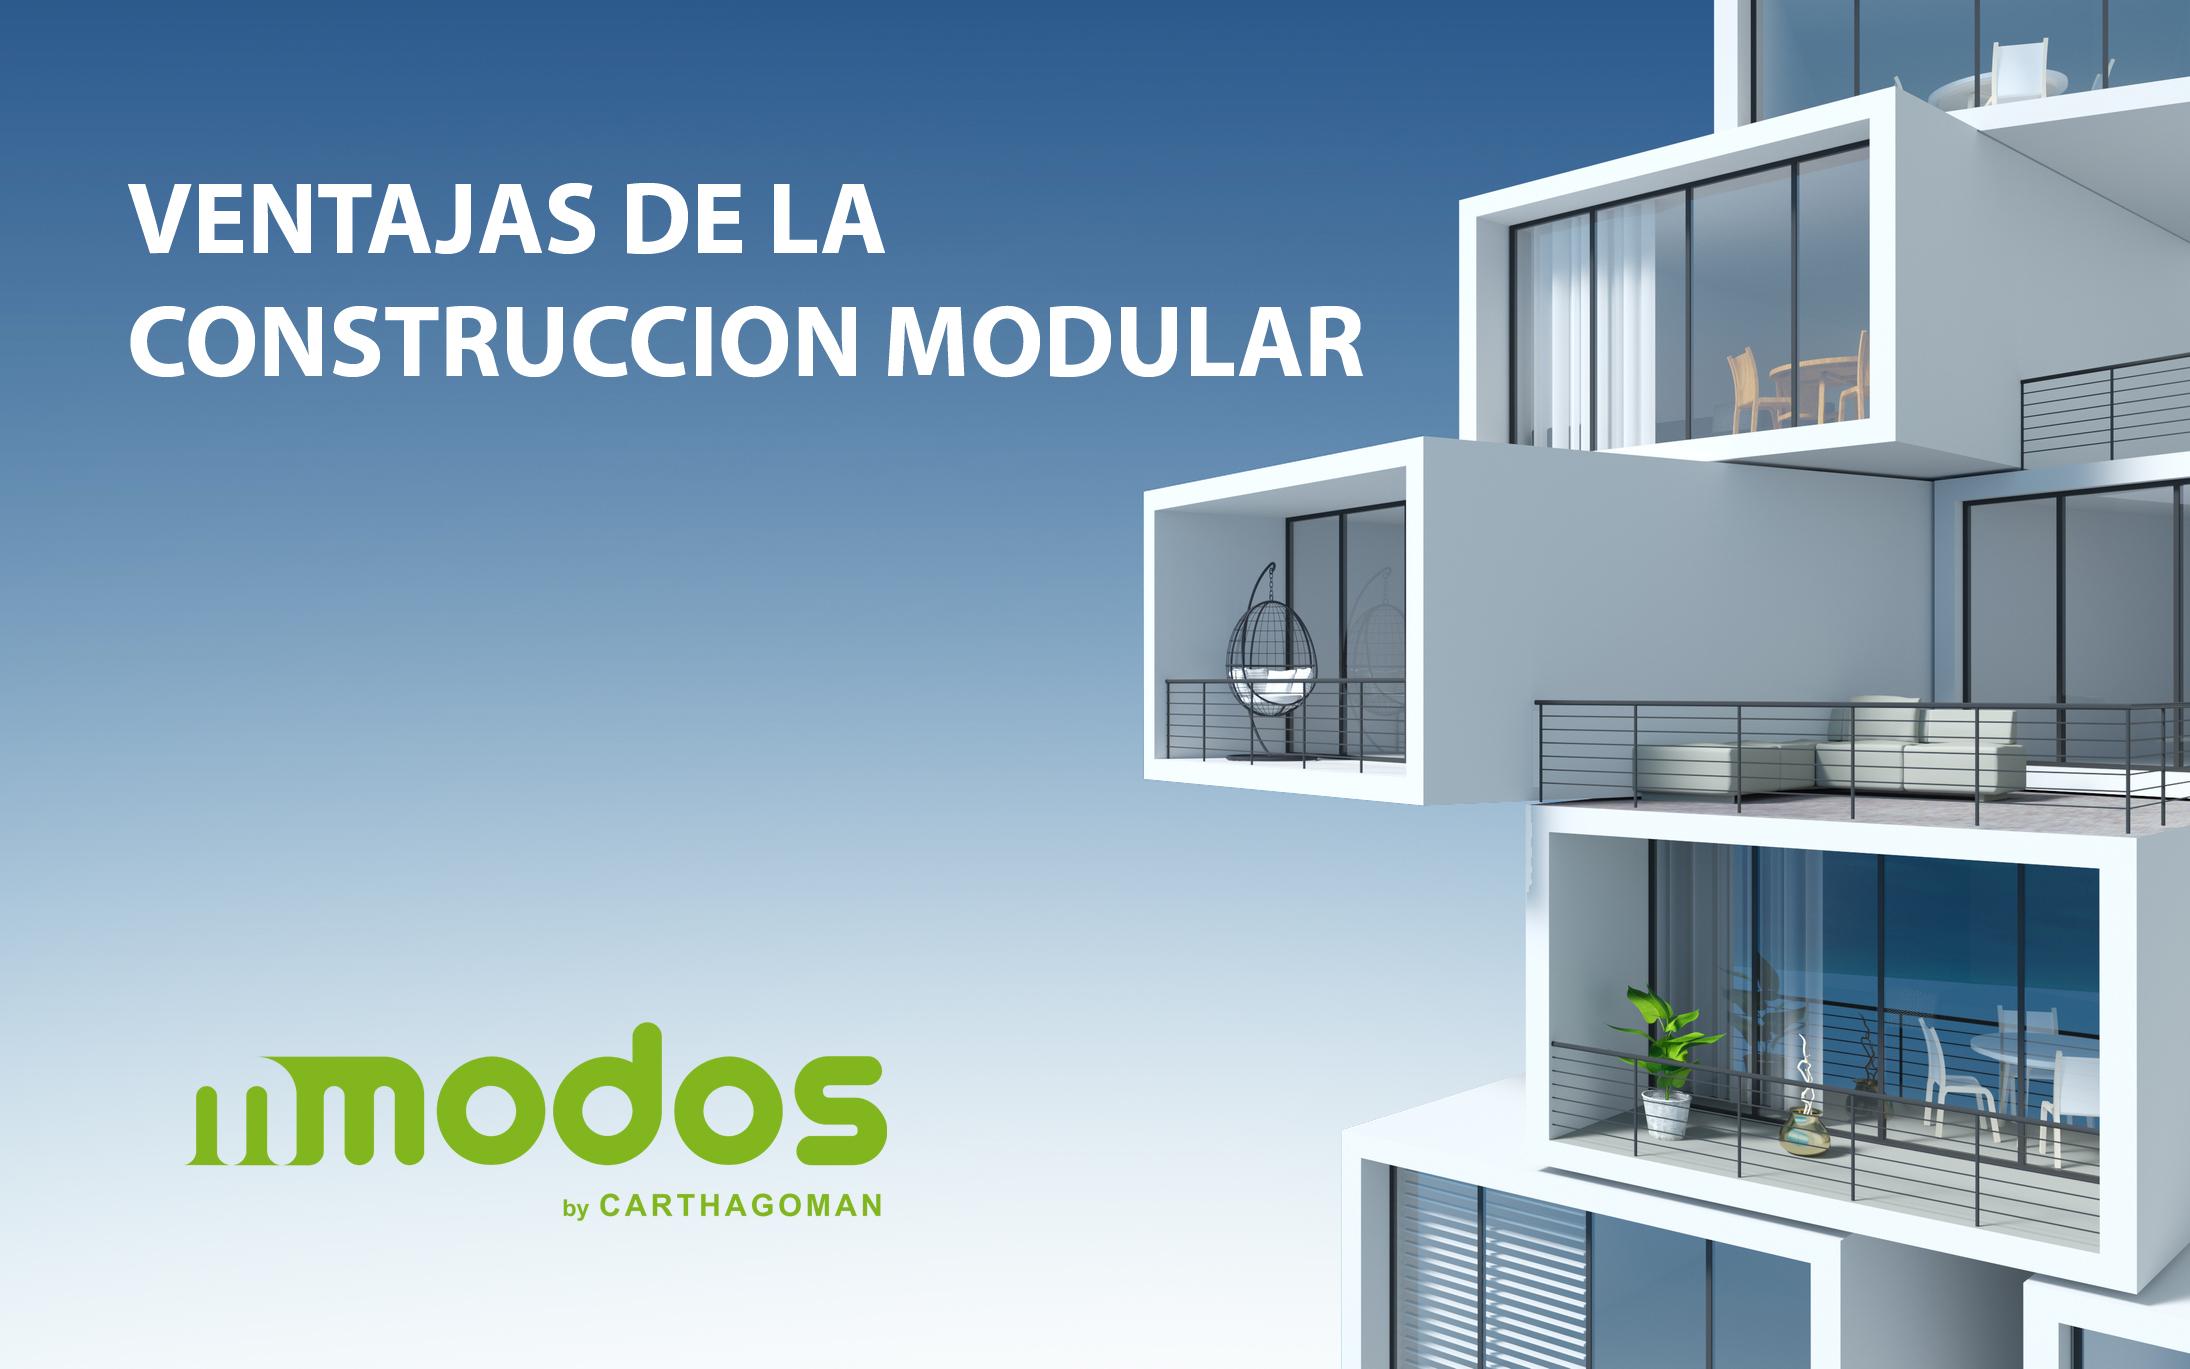 ventajas construccion modular